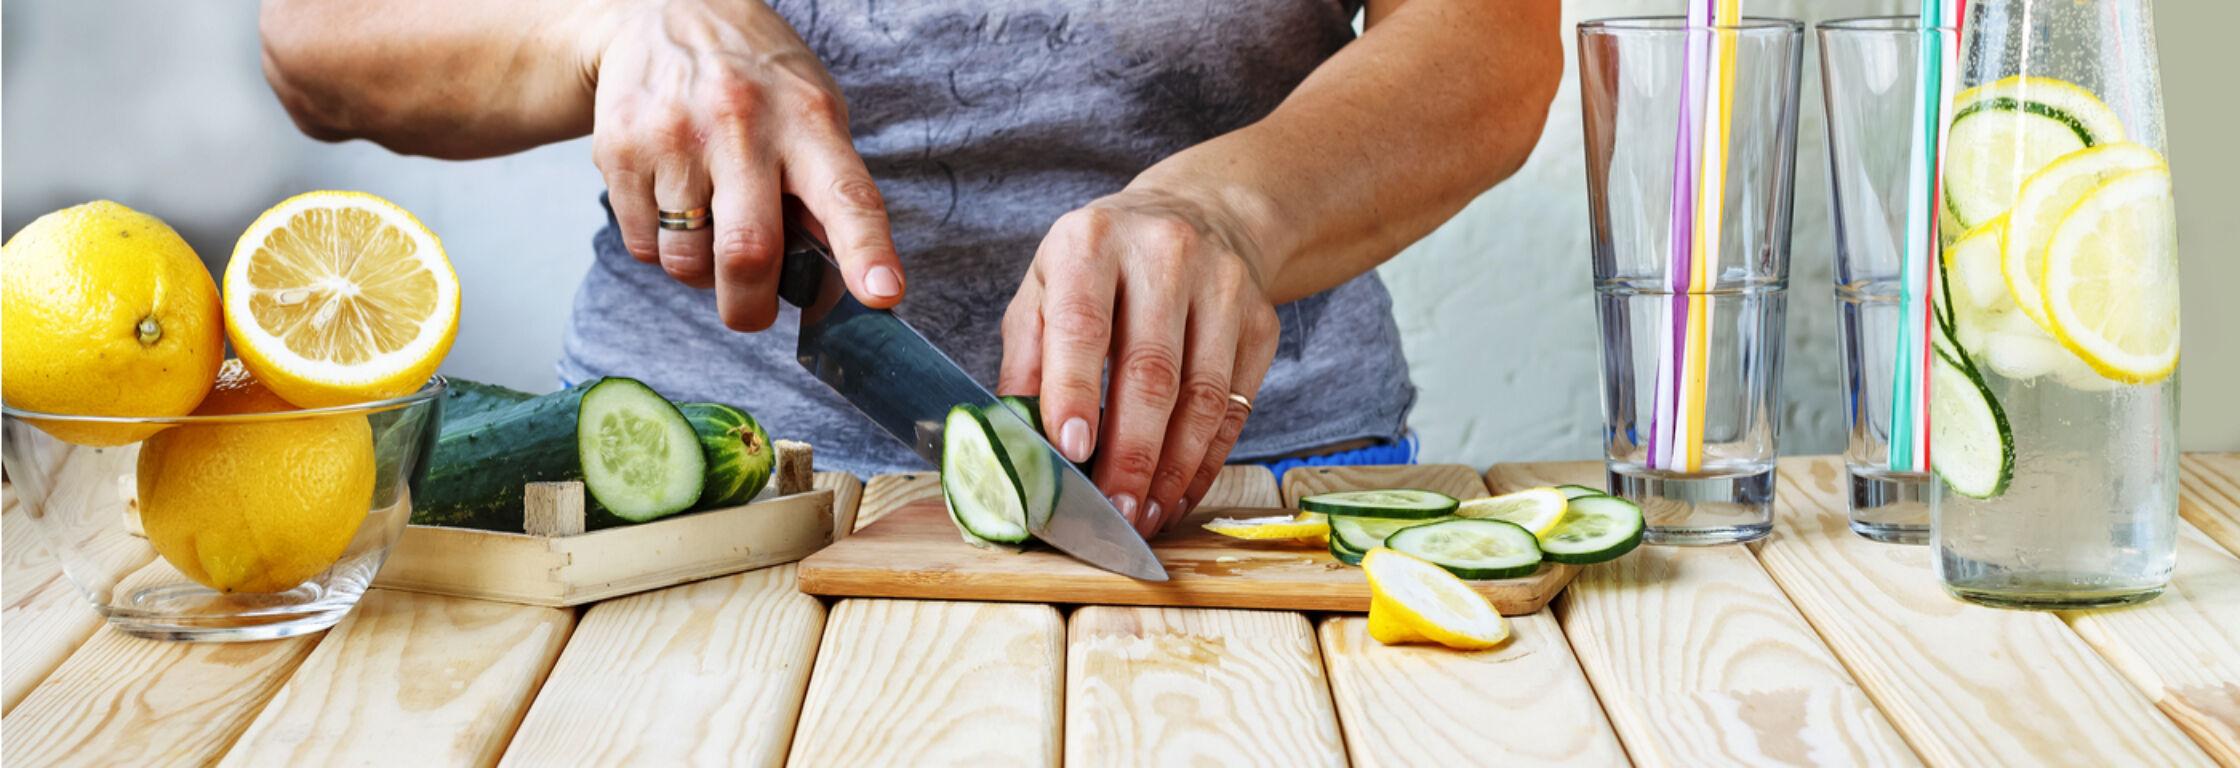 'Gezonder eten' als goed voornemen: wat is de grootste valkuil?